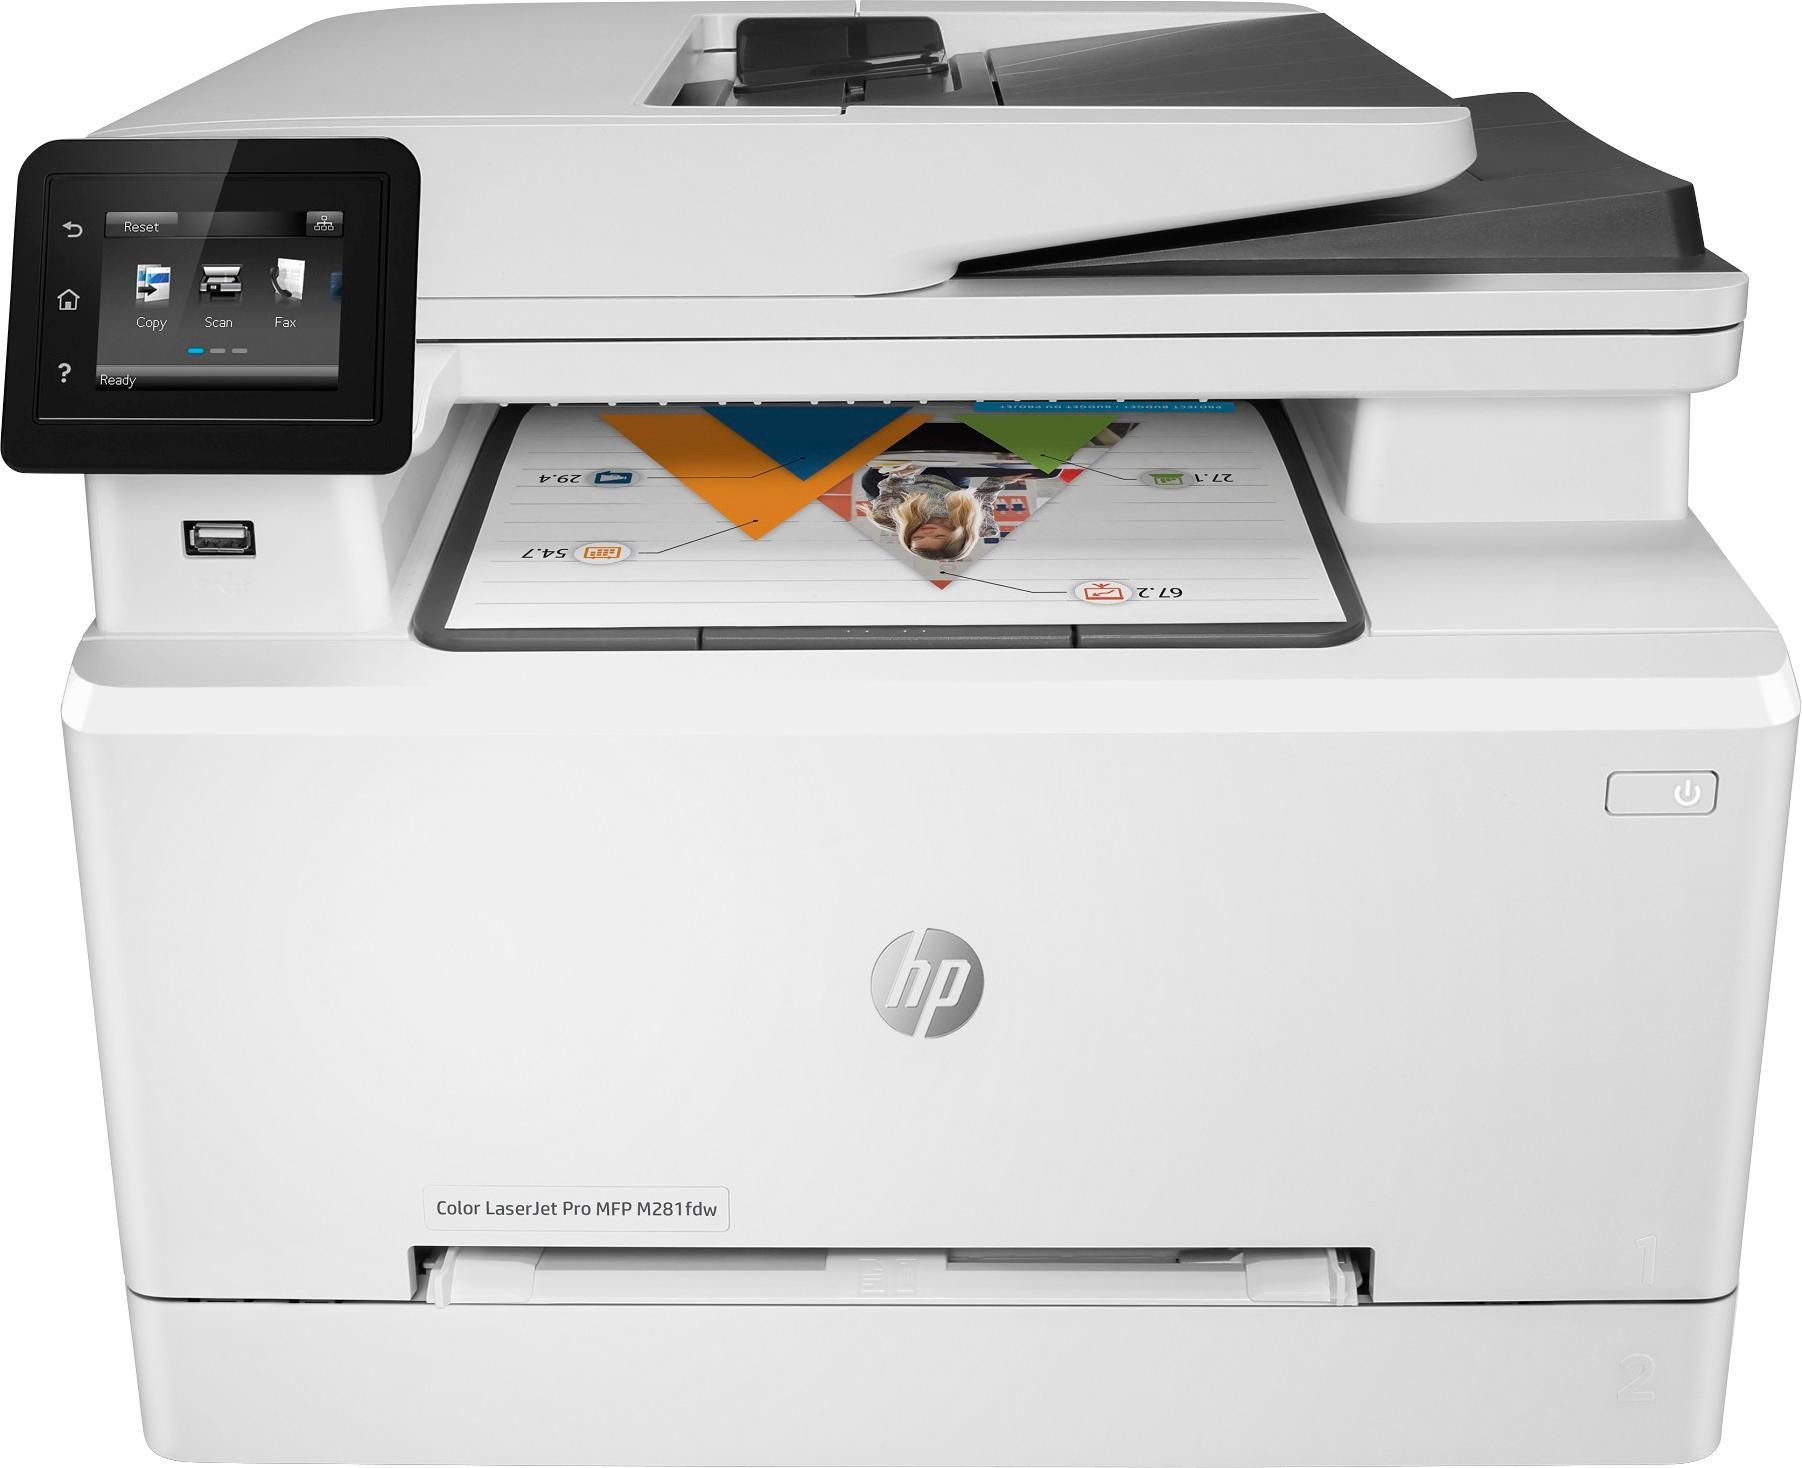 Best Buy Hp Laserjet Pro Mfp M281fdw Color Wireless All In One Laser Printer White M281fdw Multifunction Printer Laser Printer Printer Scanner